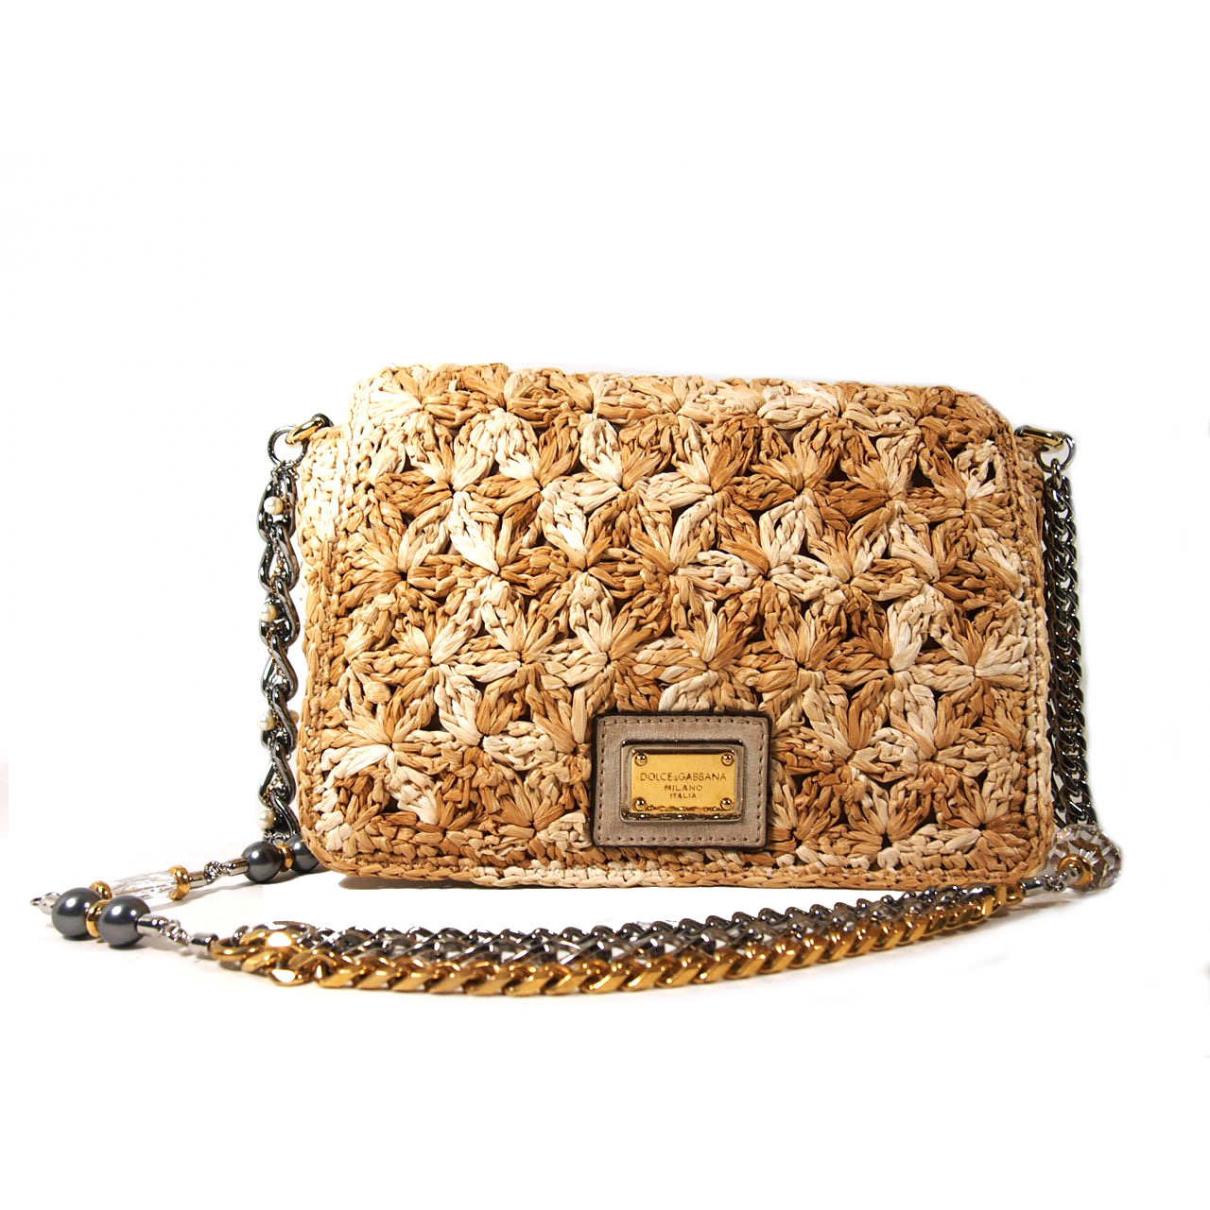 Dolce & Gabbana - Sac a main   pour femme en paille - beige